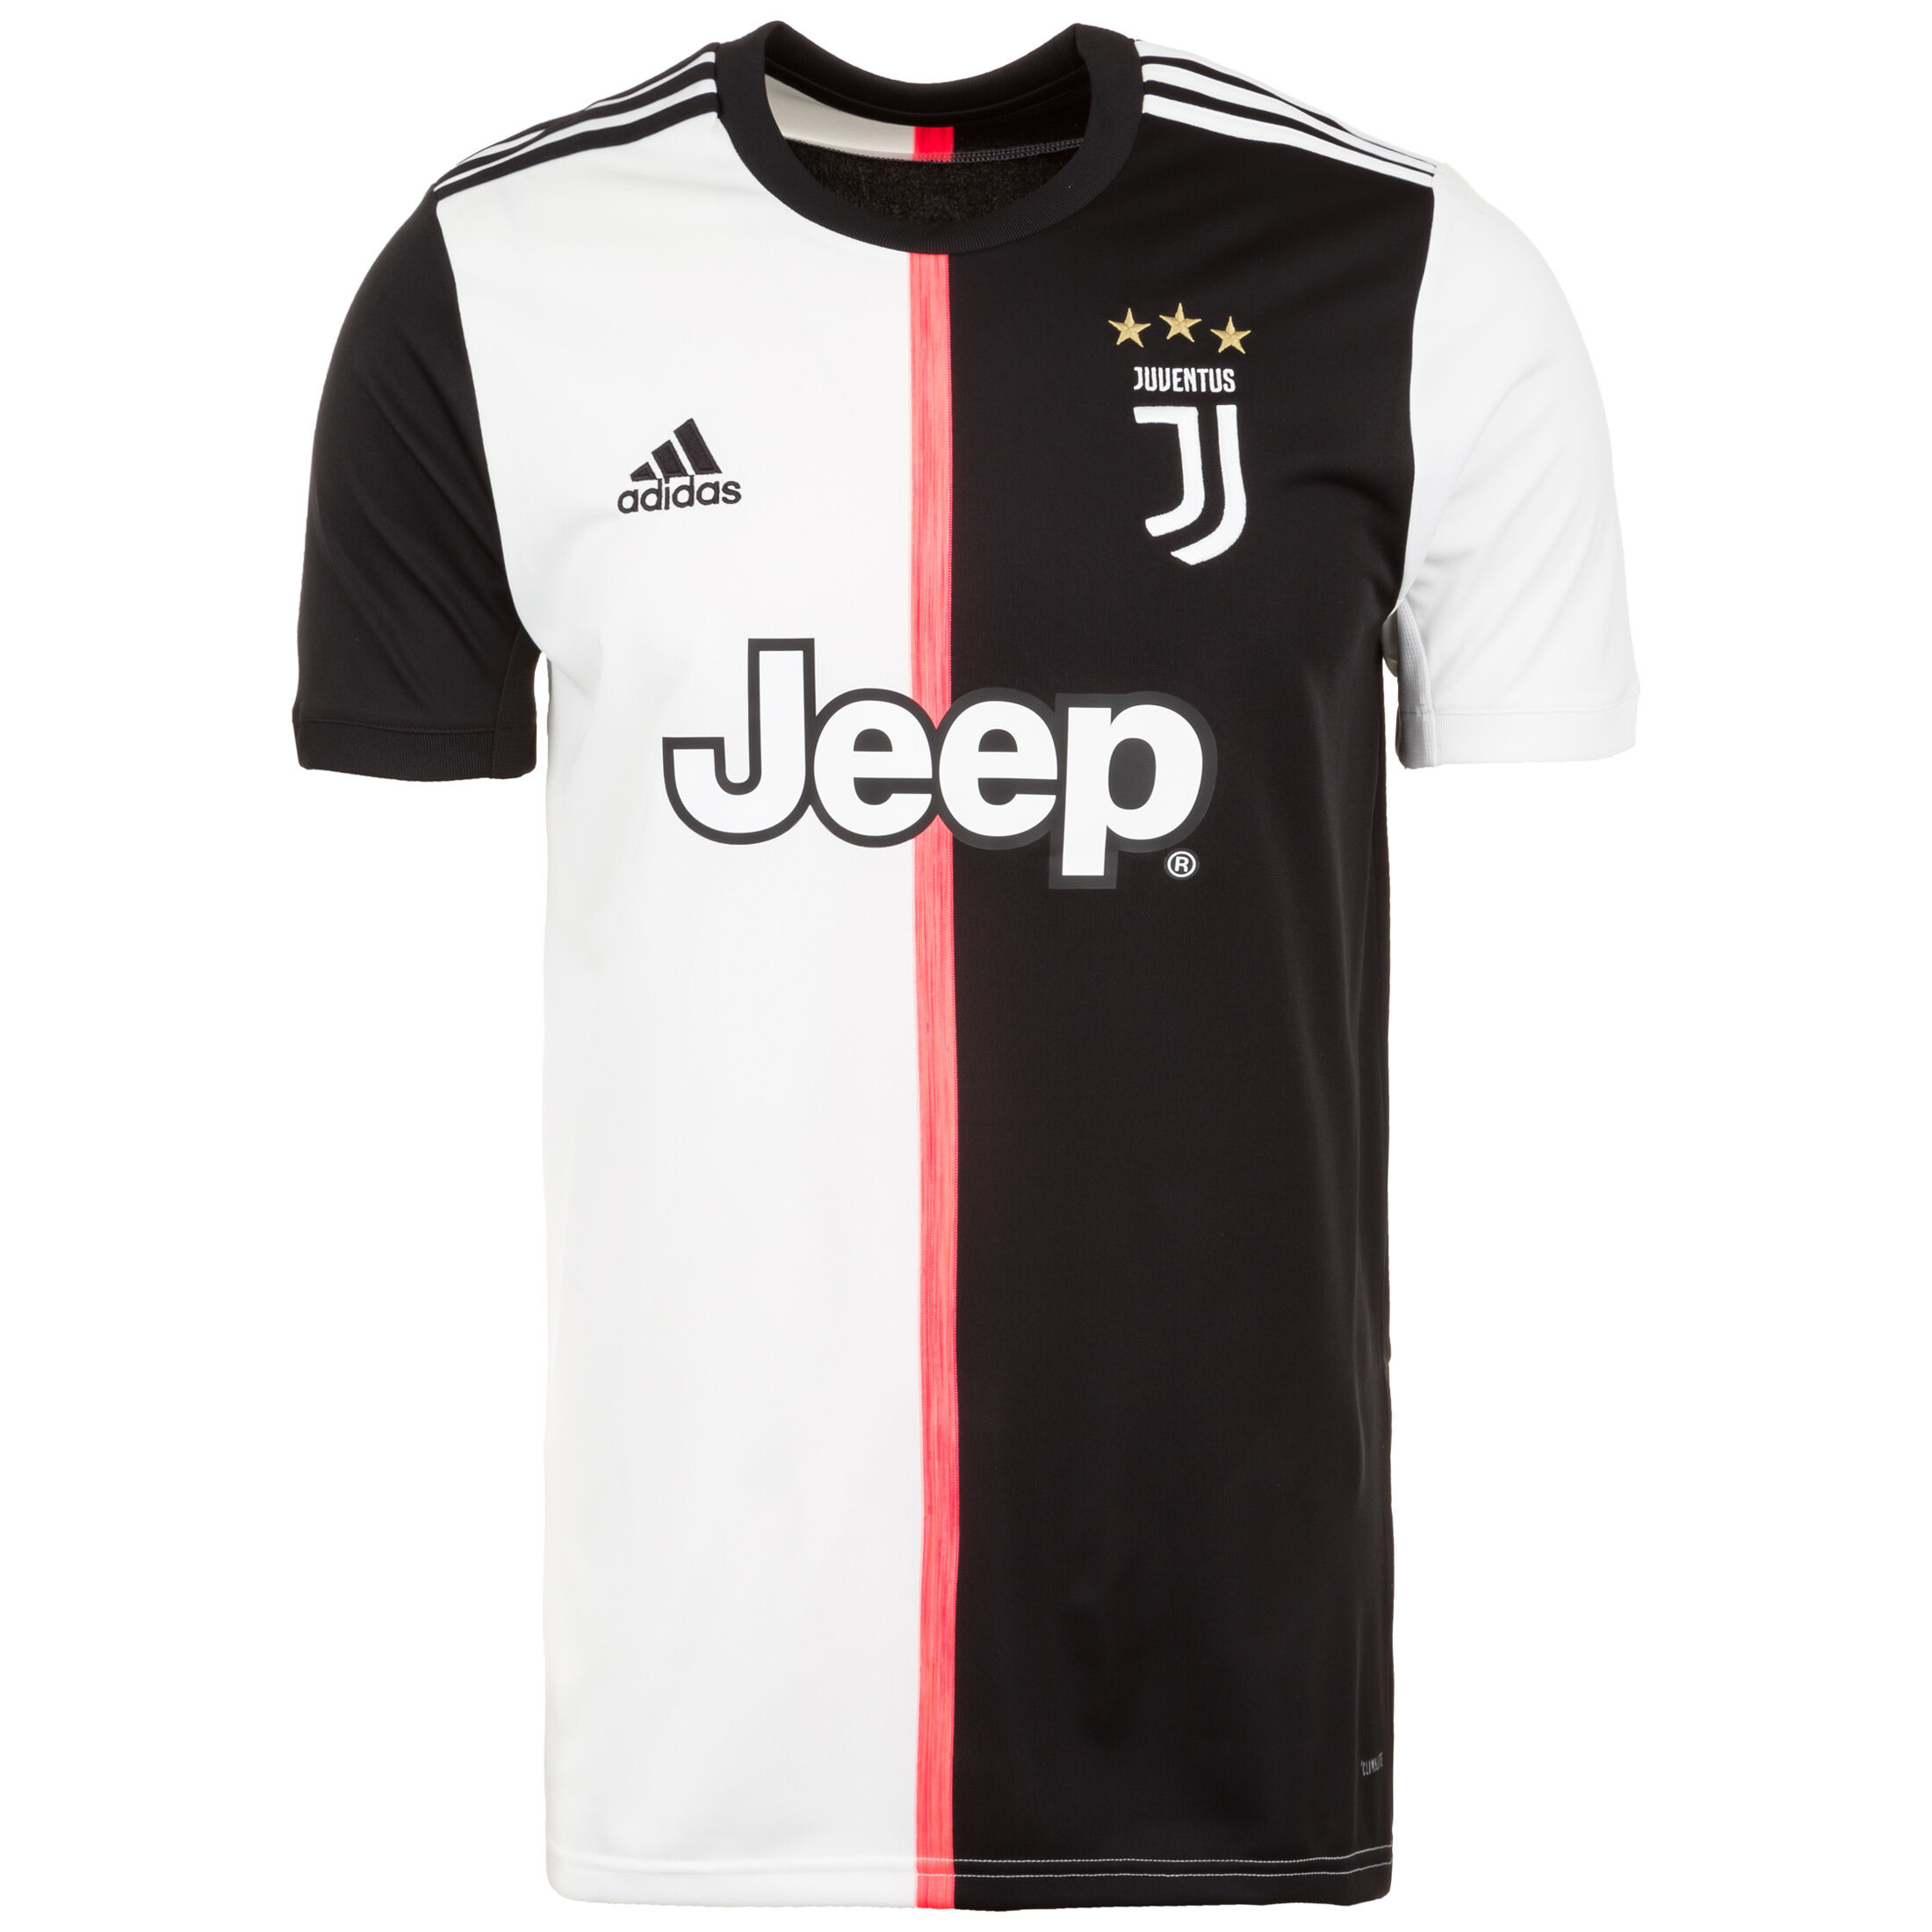 Juventus Turin Trikot Home 20192020 Herren